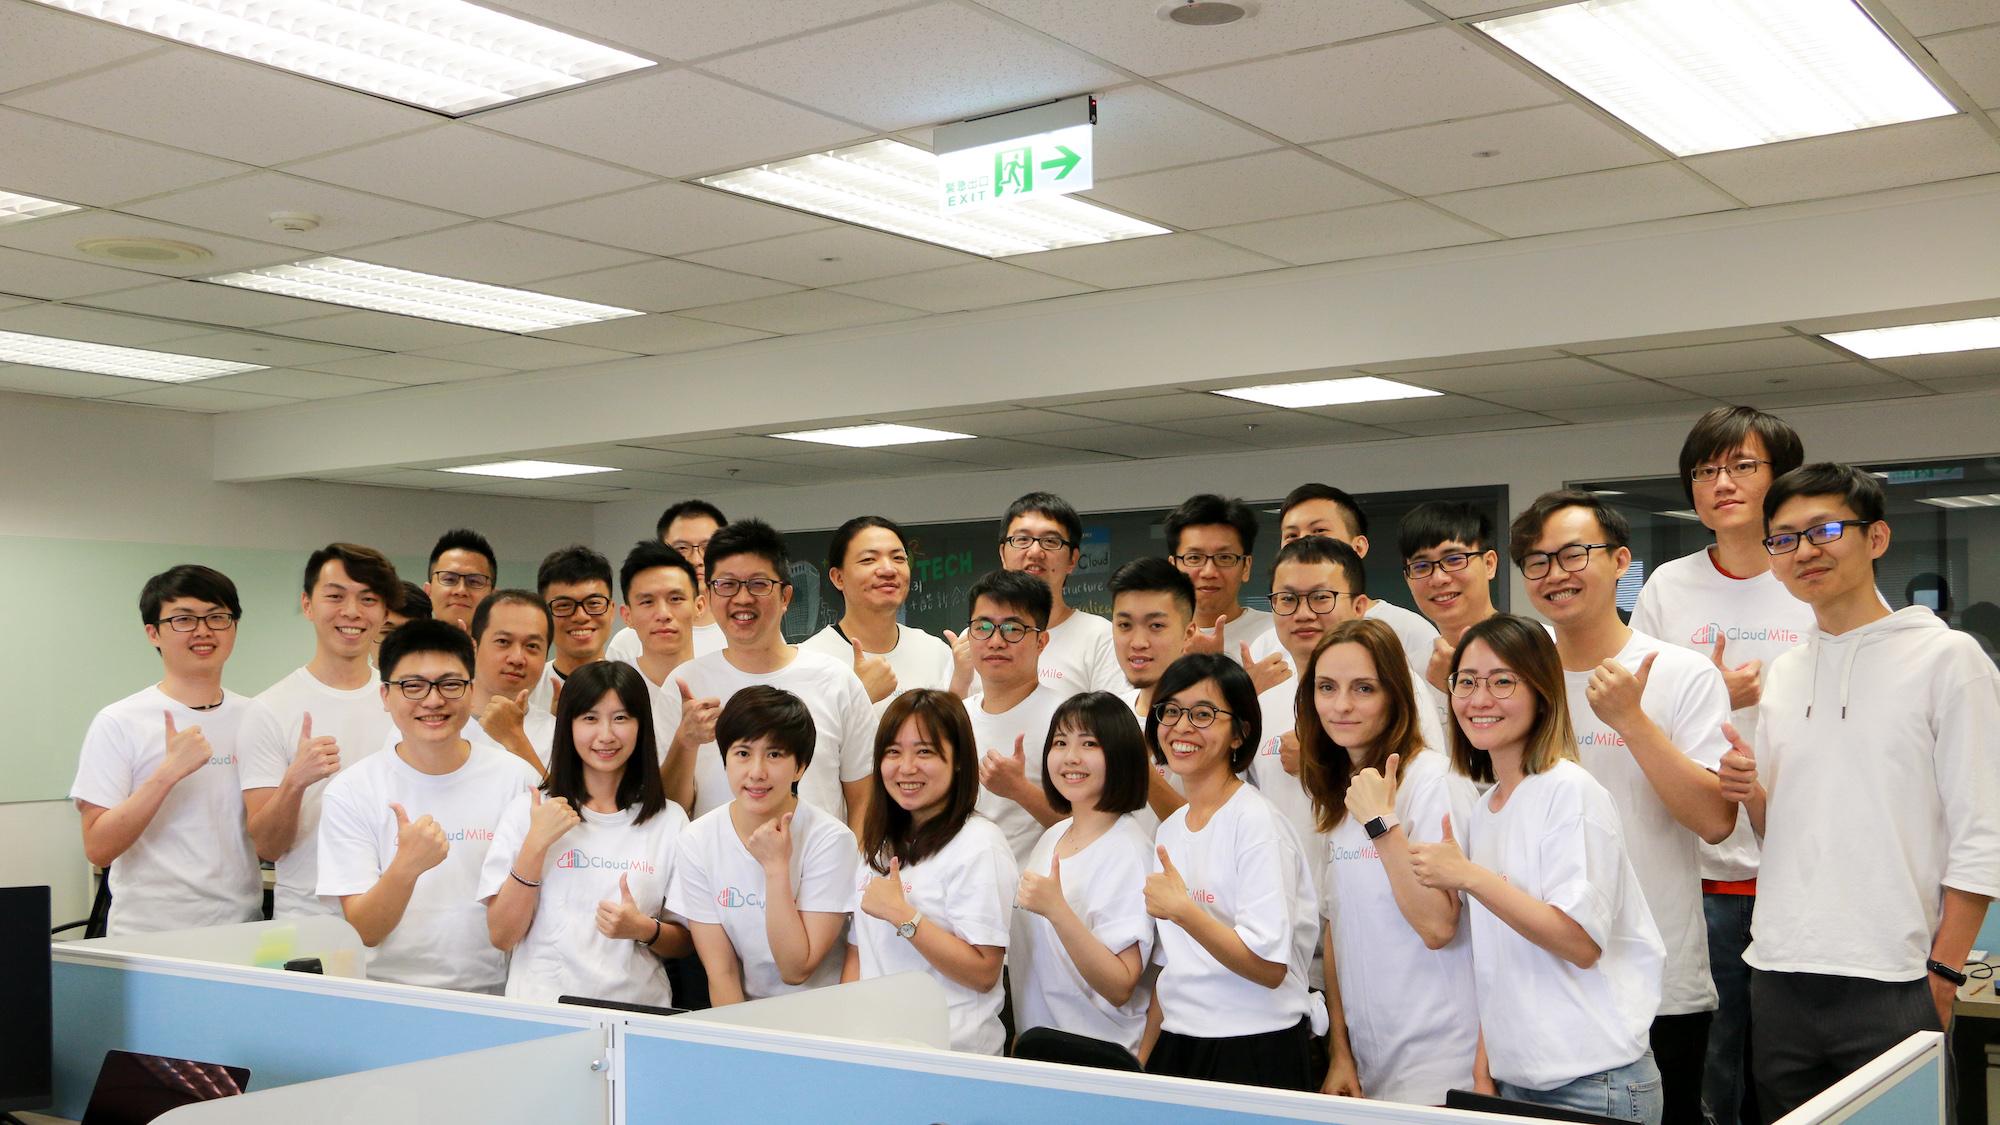 人工智能雲端服務供應商CLOUDMILE登陸香港 為GOOGLE CLOUD核心策略合作夥伴 助本地企業數碼轉型